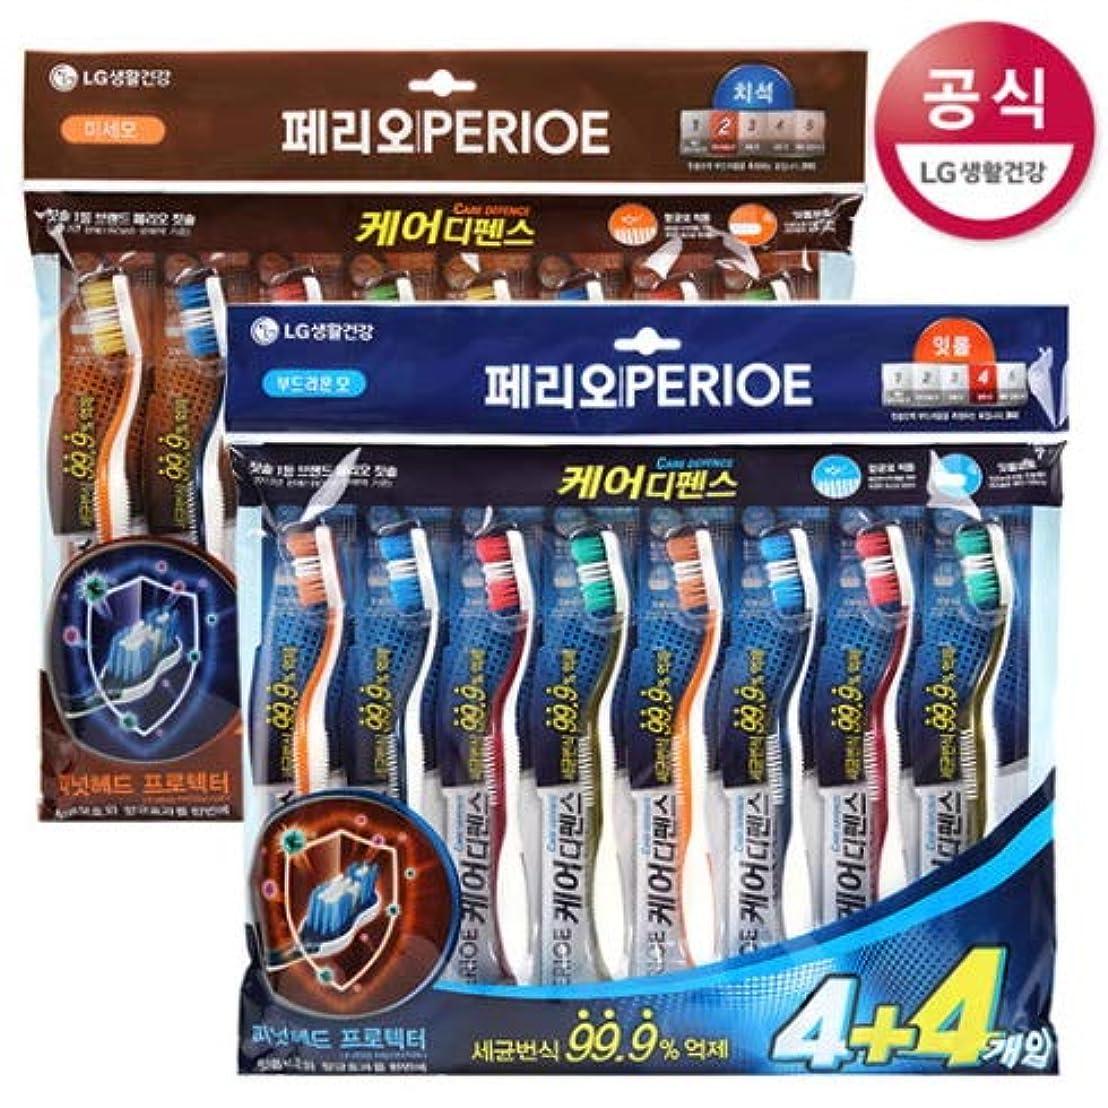 教育学影響を受けやすいです注ぎます[LG HnB] Perio CareDance Toothbrush/ペリオケアディフェンス歯ブラシ 8口x2個(海外直送品)